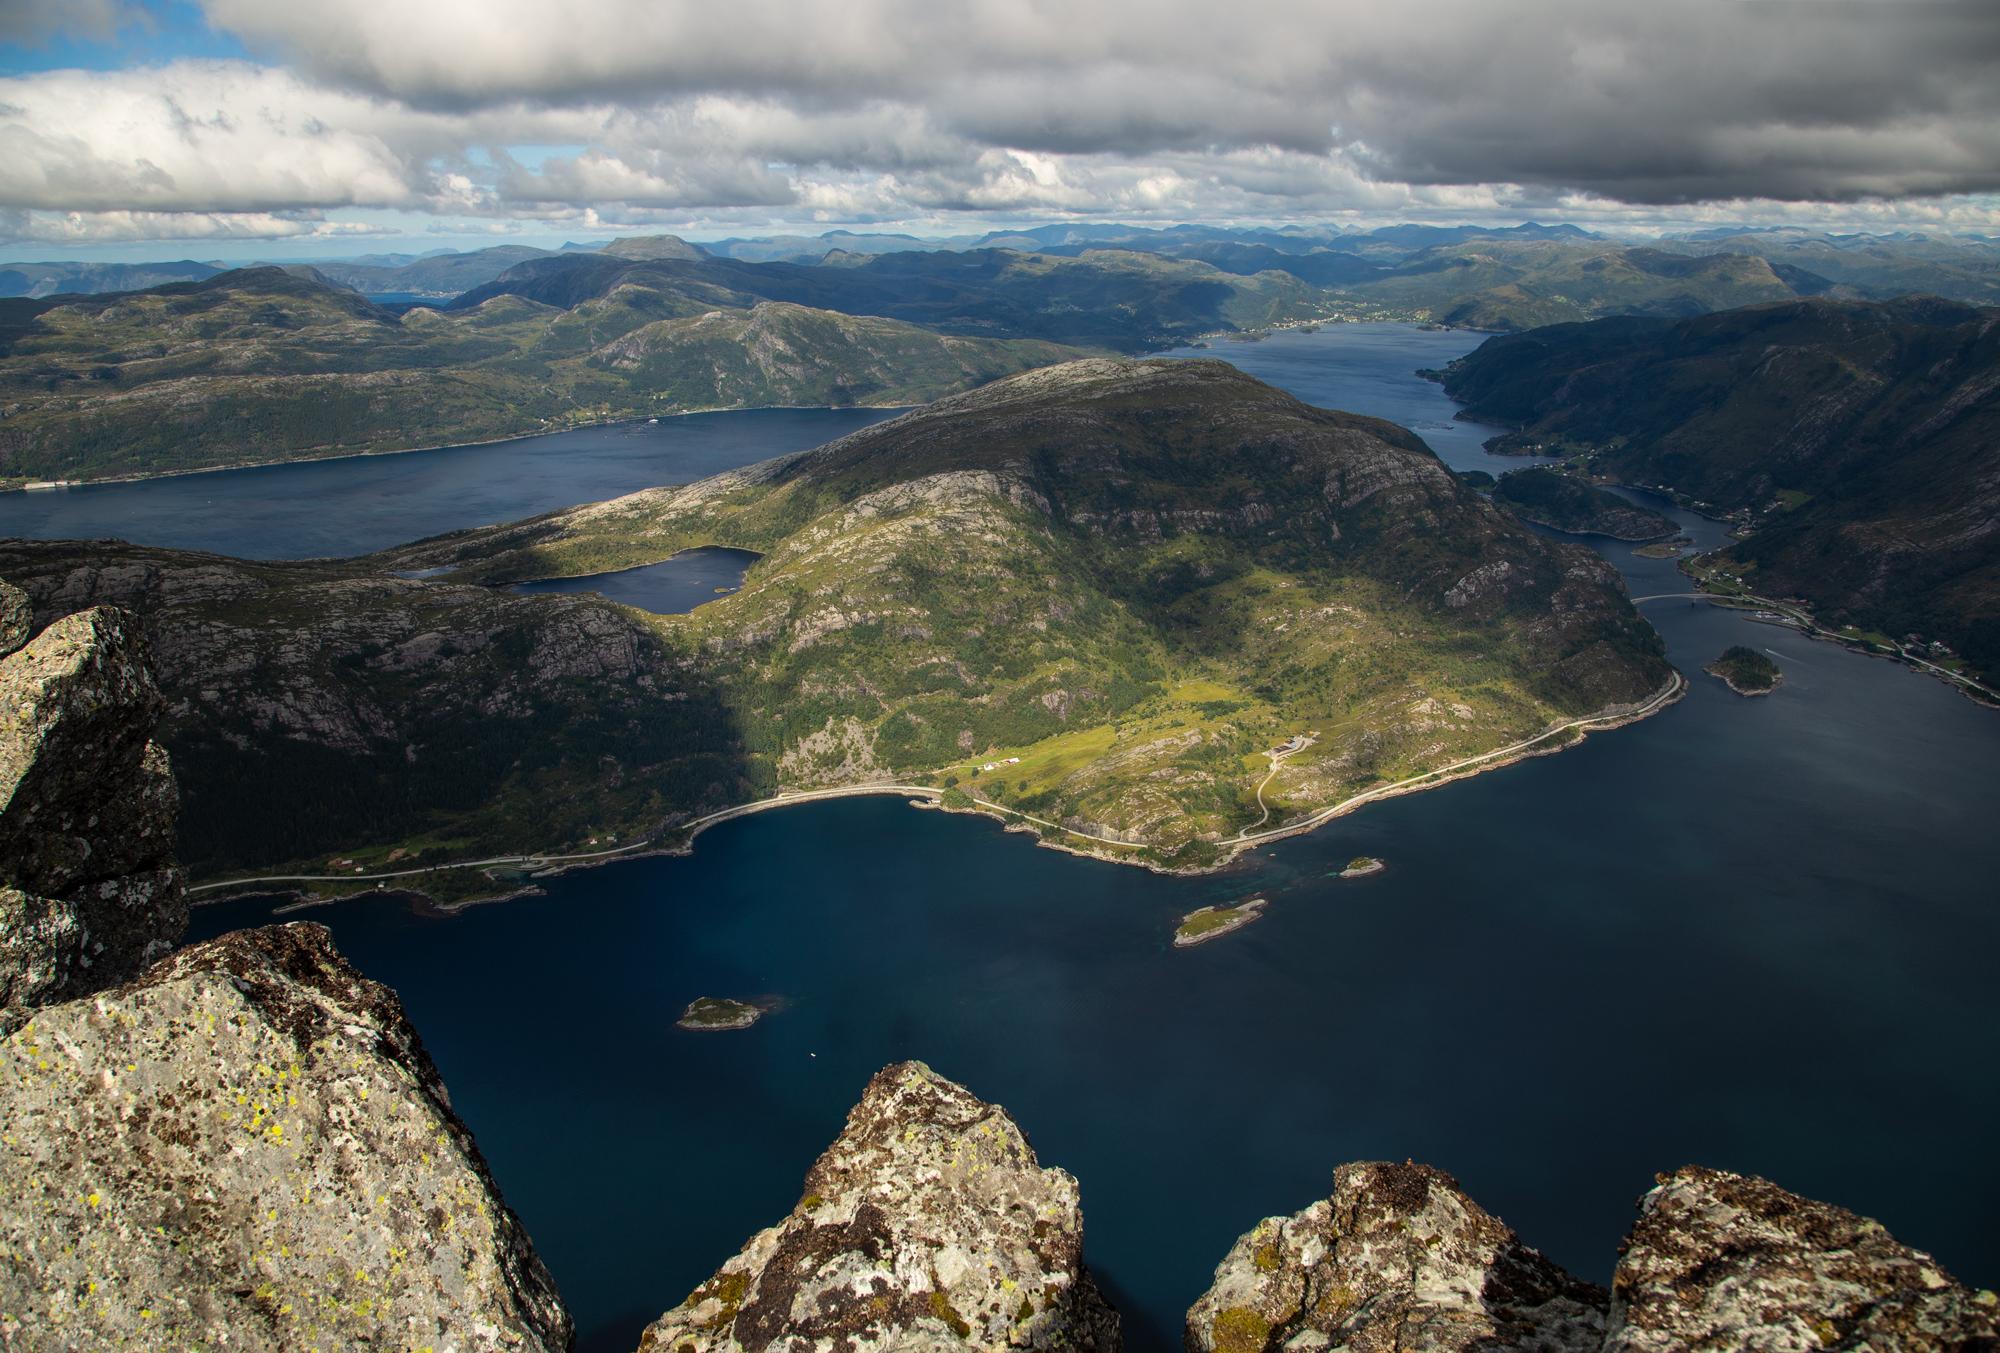 Mount Hornelen, Norway